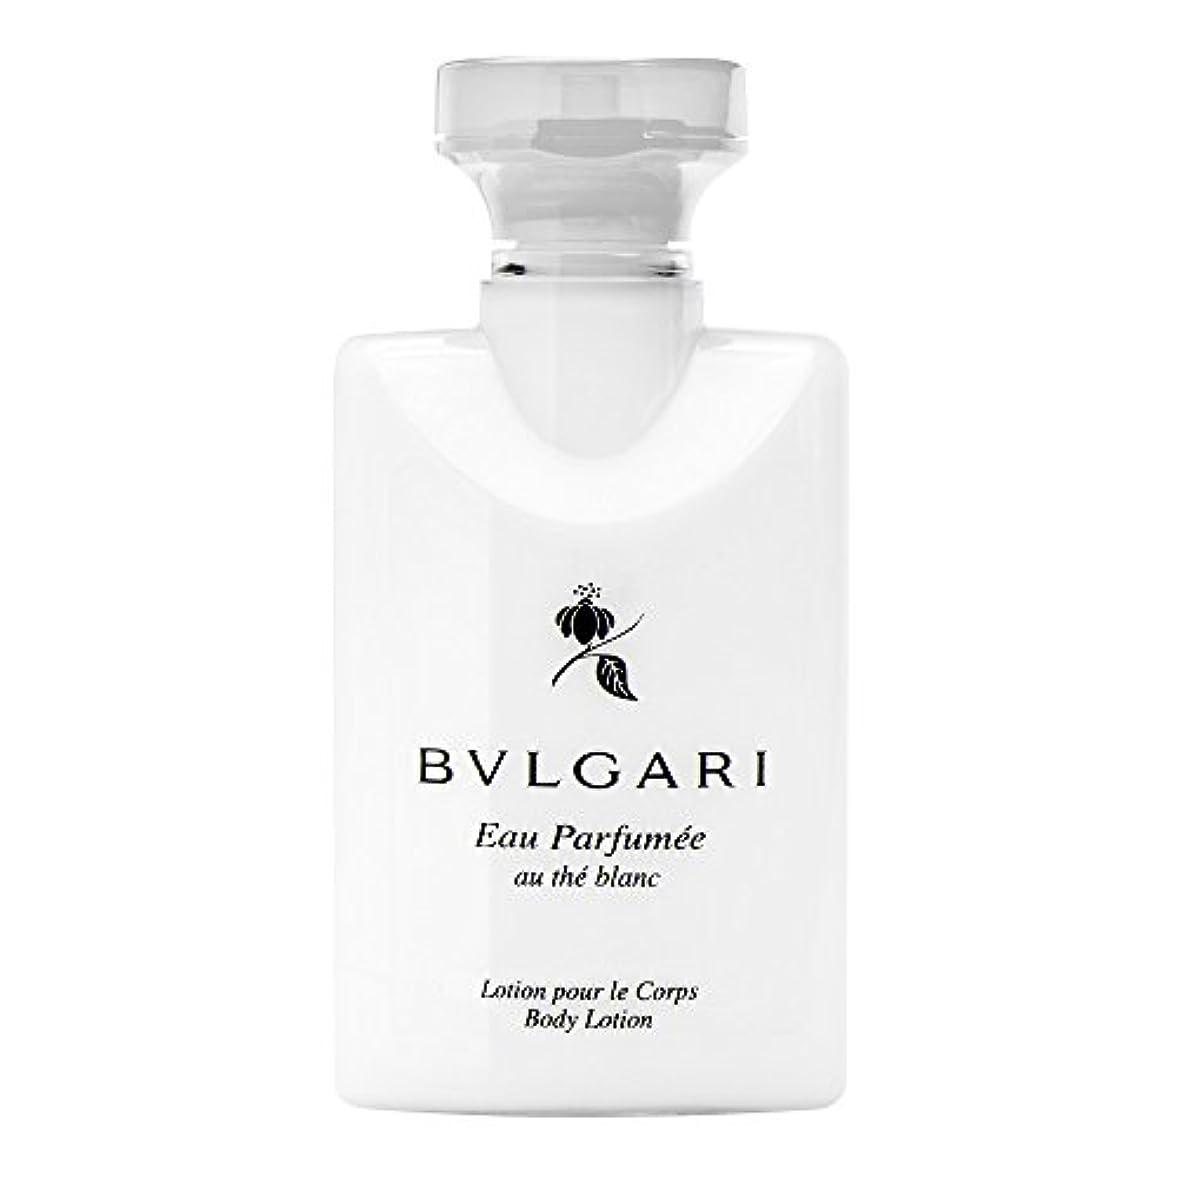 ポンペイタンザニア座るBvlgari Eau Parfumee Au The Blanc (ブルガリ オー パフュ-メ オウ ブラン) 2.5 oz (75ml) Body Lotion ボディーローション